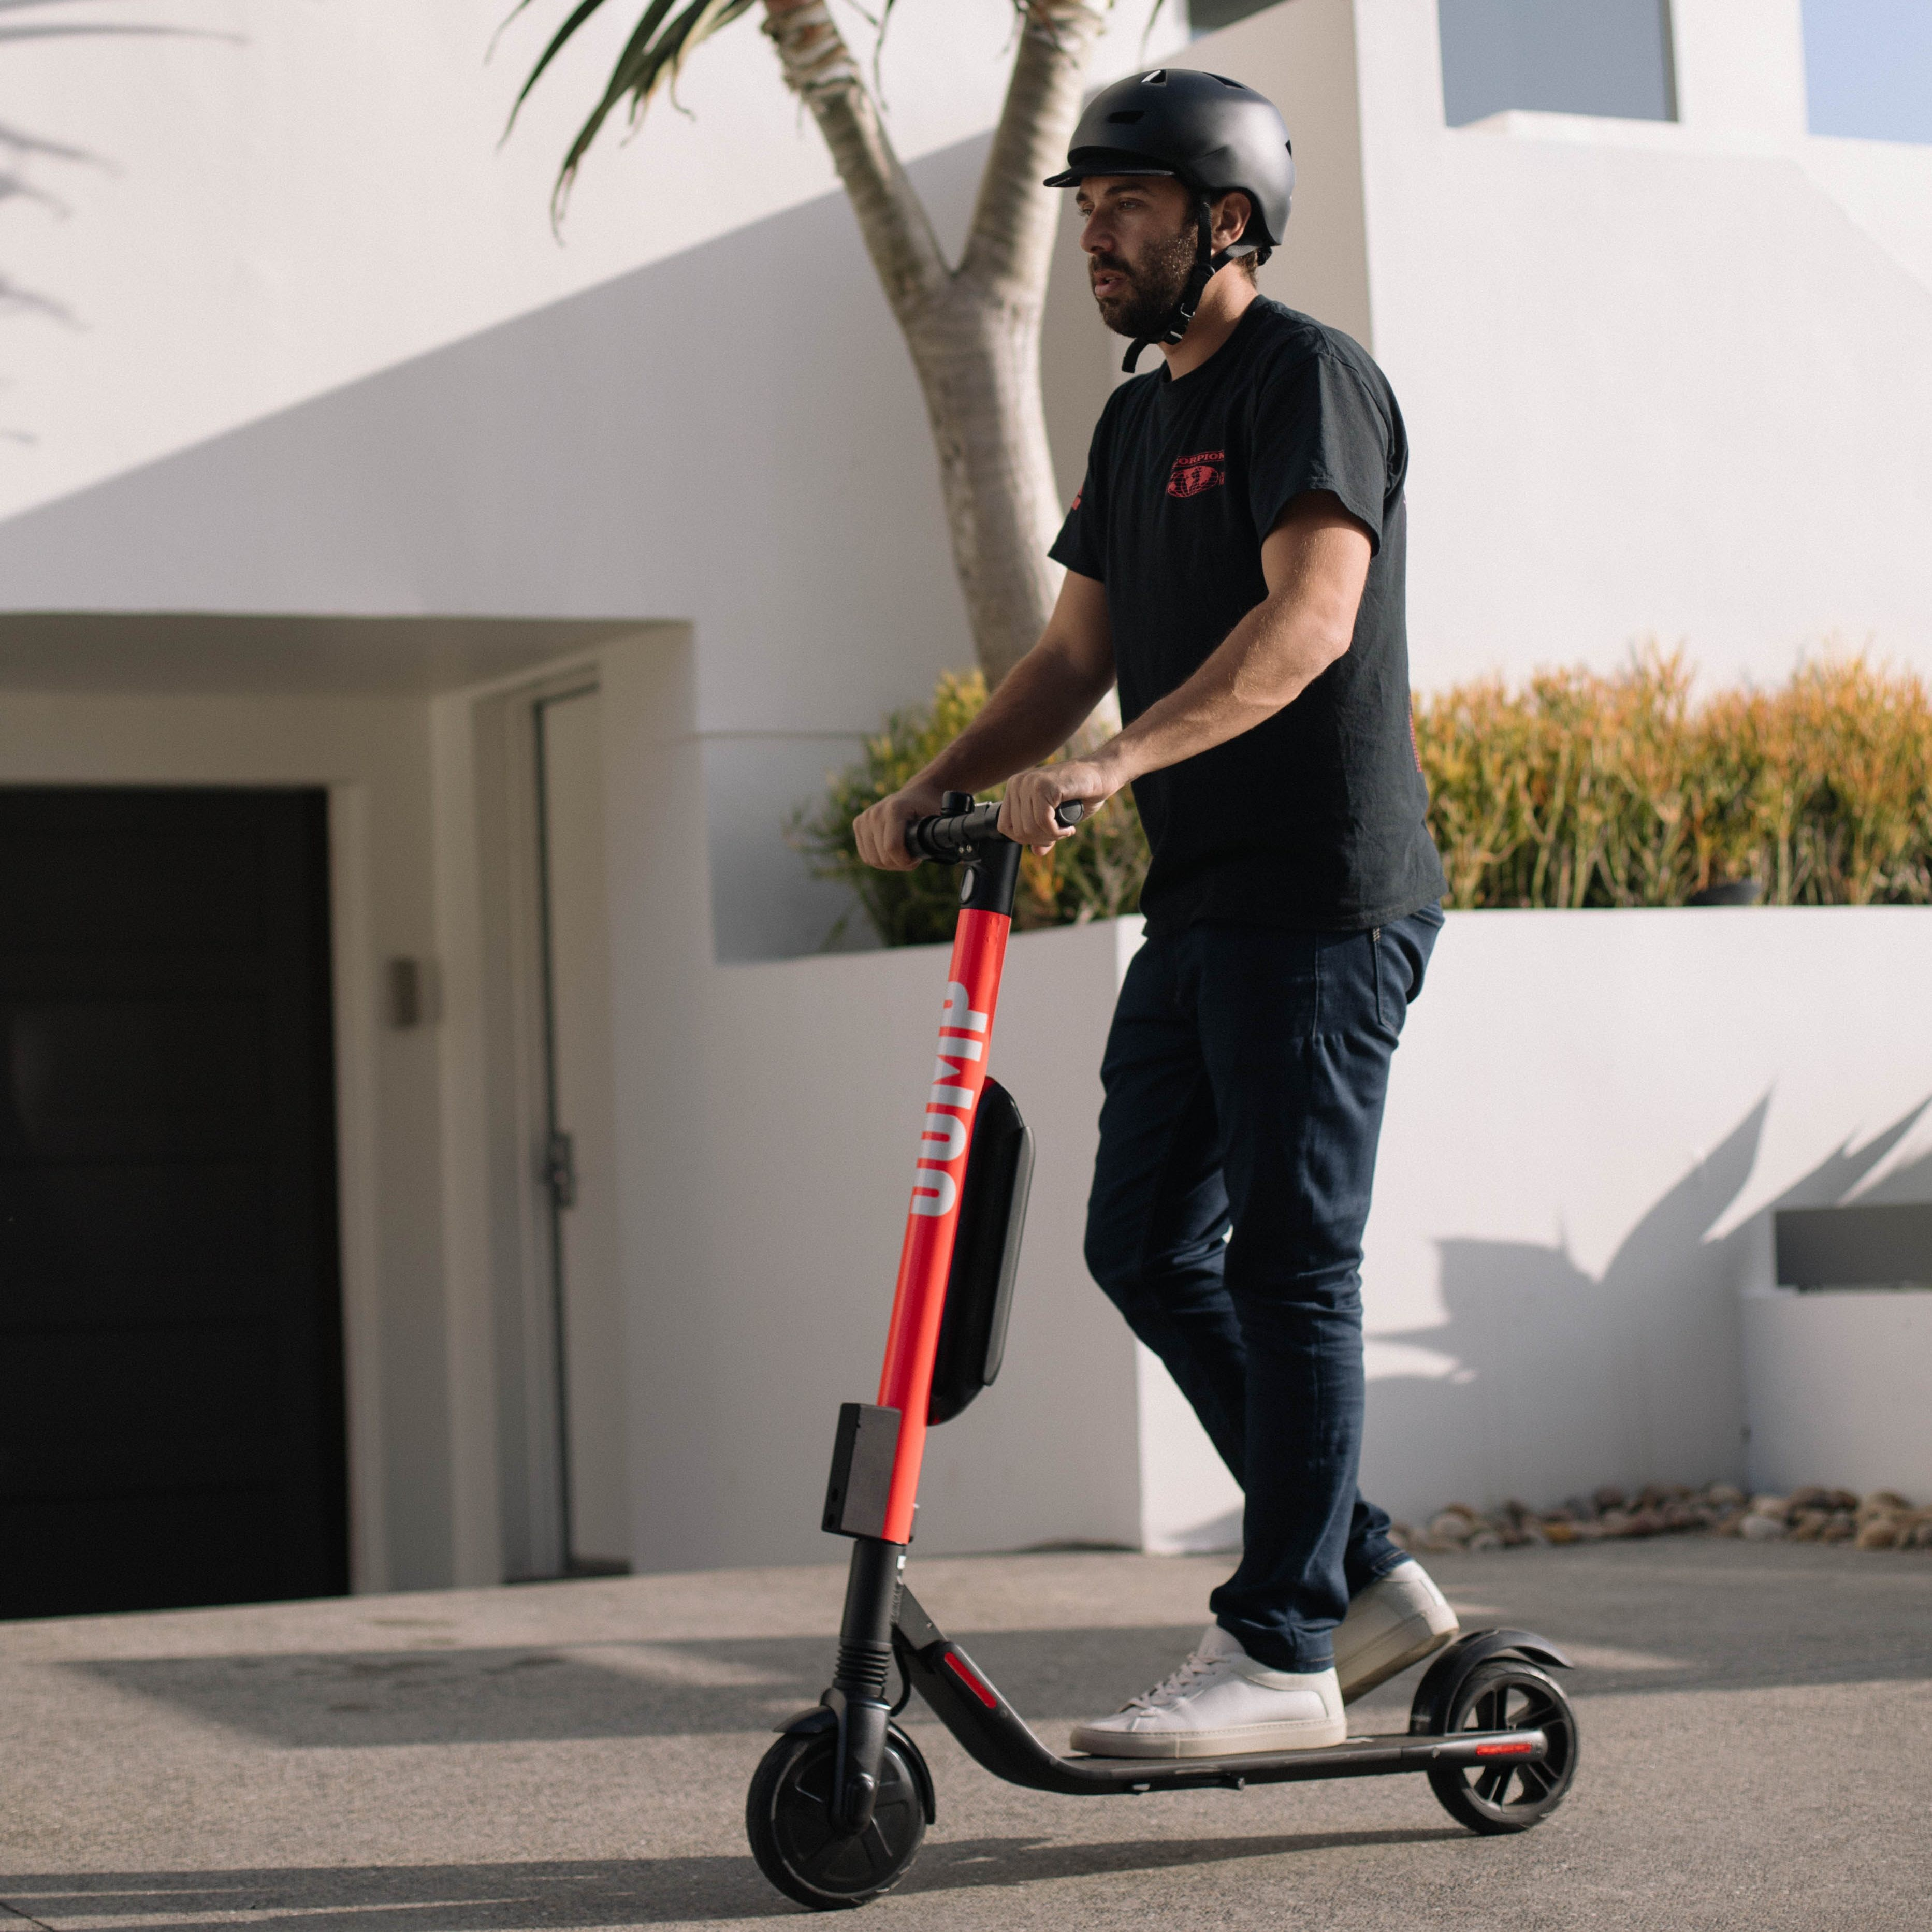 O patinete elétrico da Uber feito em parceria com a Jump, disponível para locação (Foto: Divulgação)